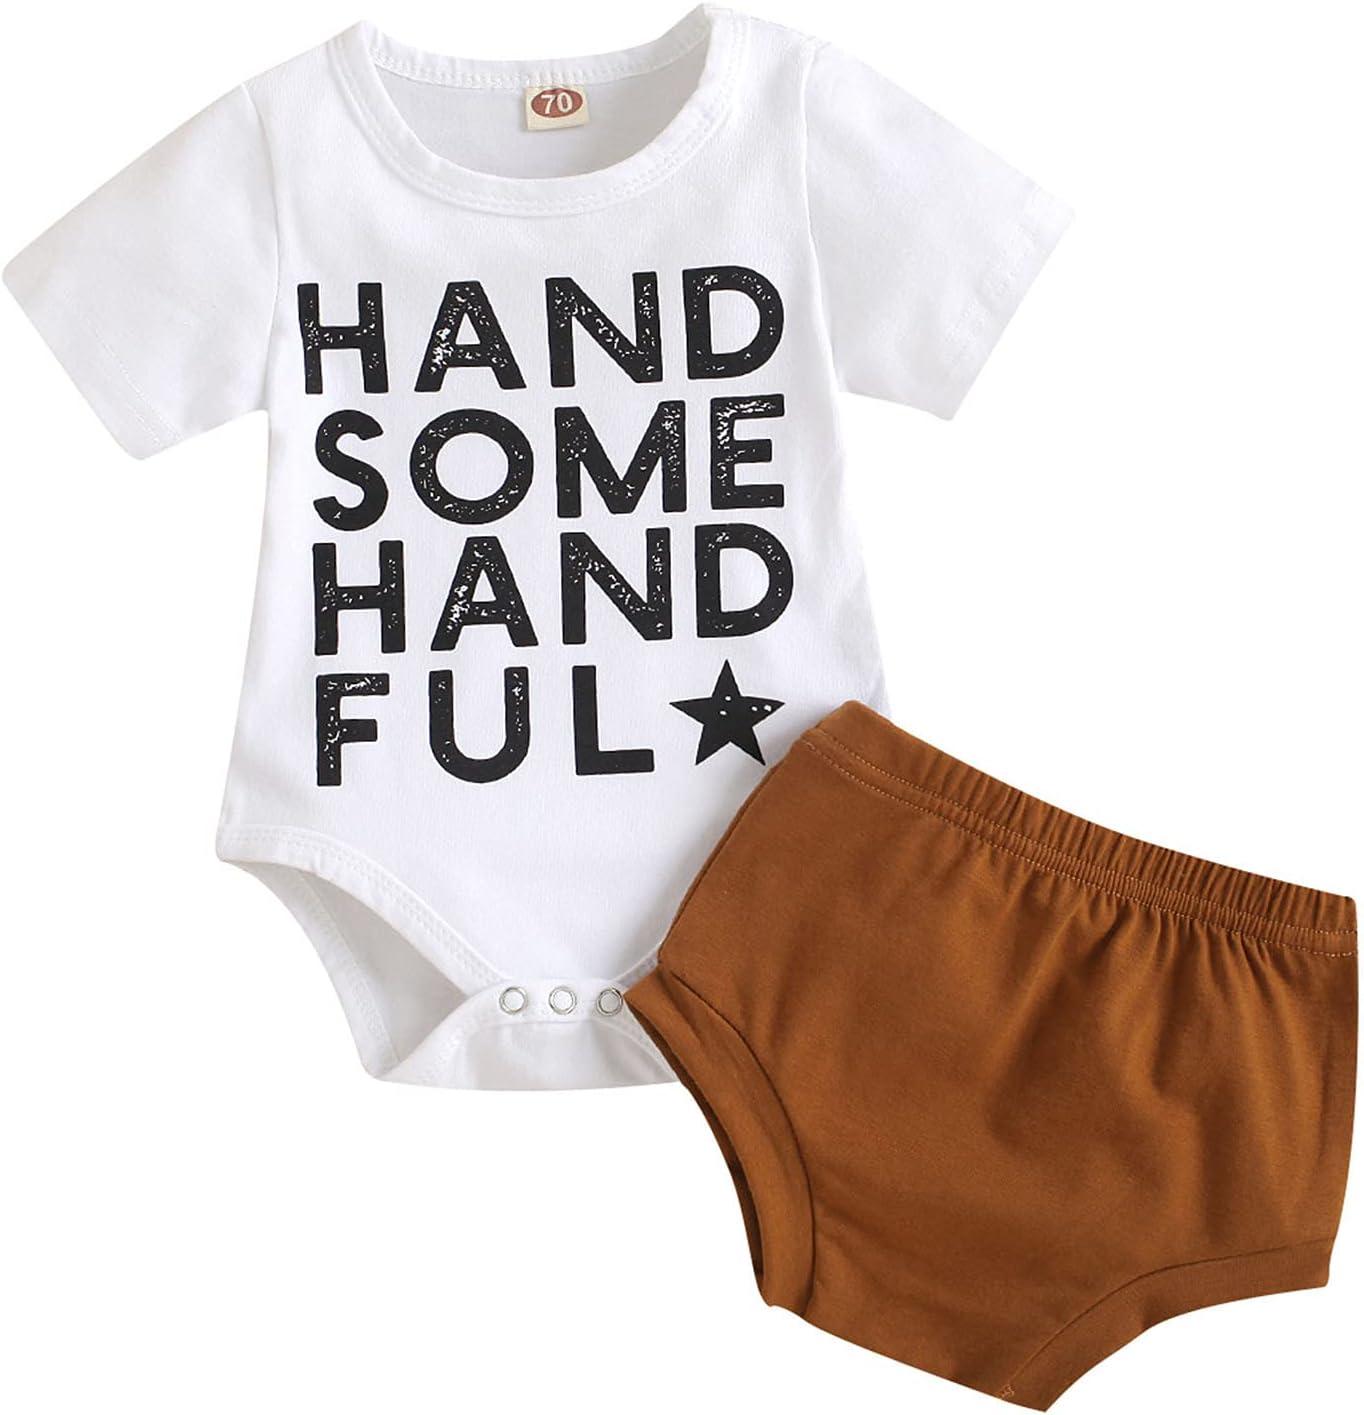 Briskorry Conjunto de ropa para bebé, niña, de manga corta, body y pantalón, para recién nacidos, camiseta y pantalones cortos, conjunto de 2 piezas, ropa para el tiempo libre